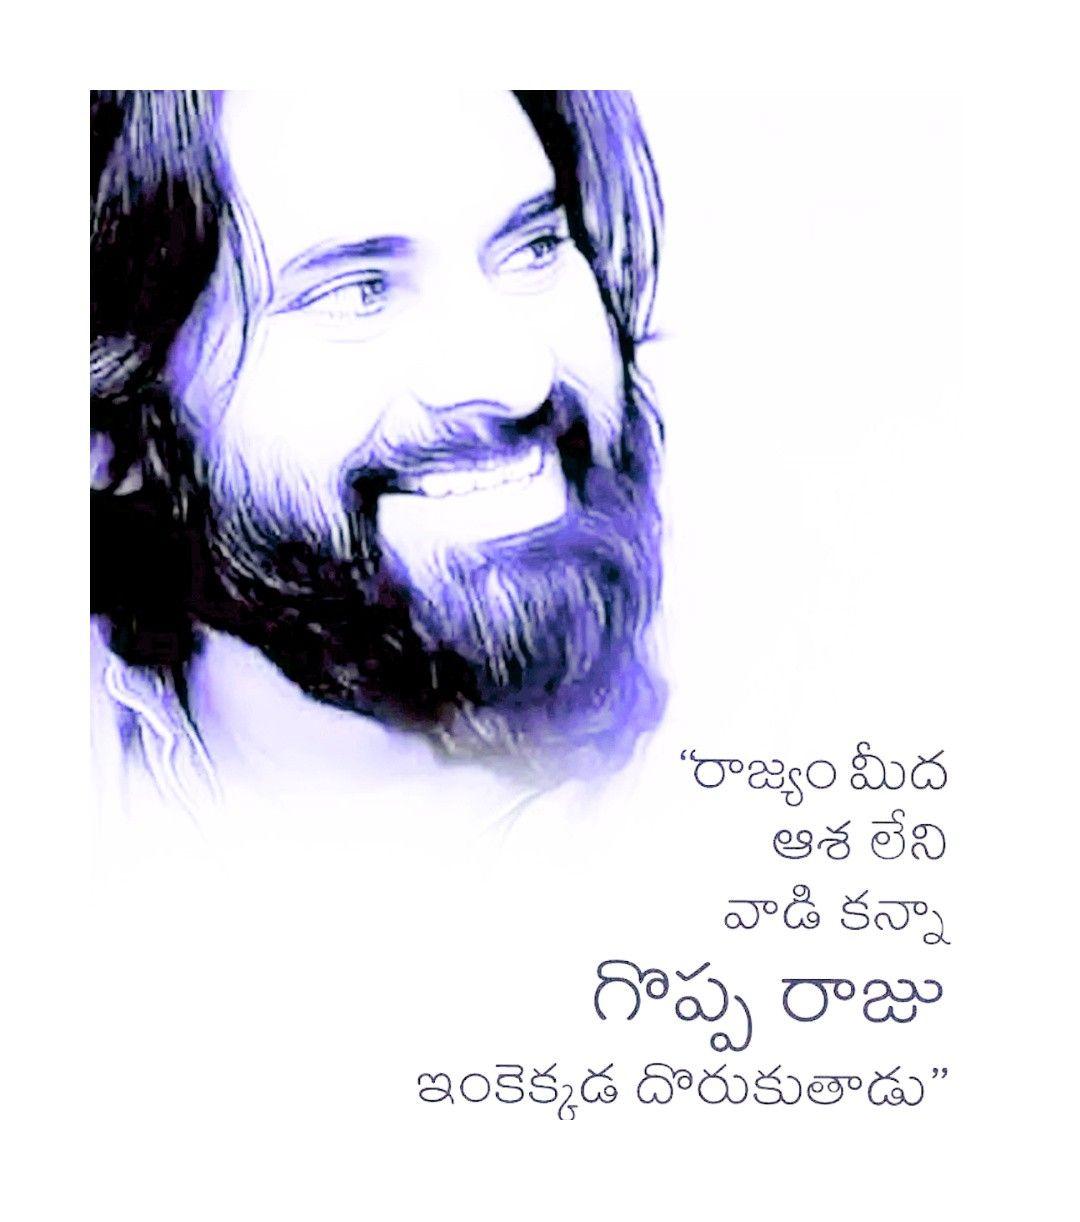 Pin By Vasu Chittoor On Telugu Vasu Chittoor Male Sketch